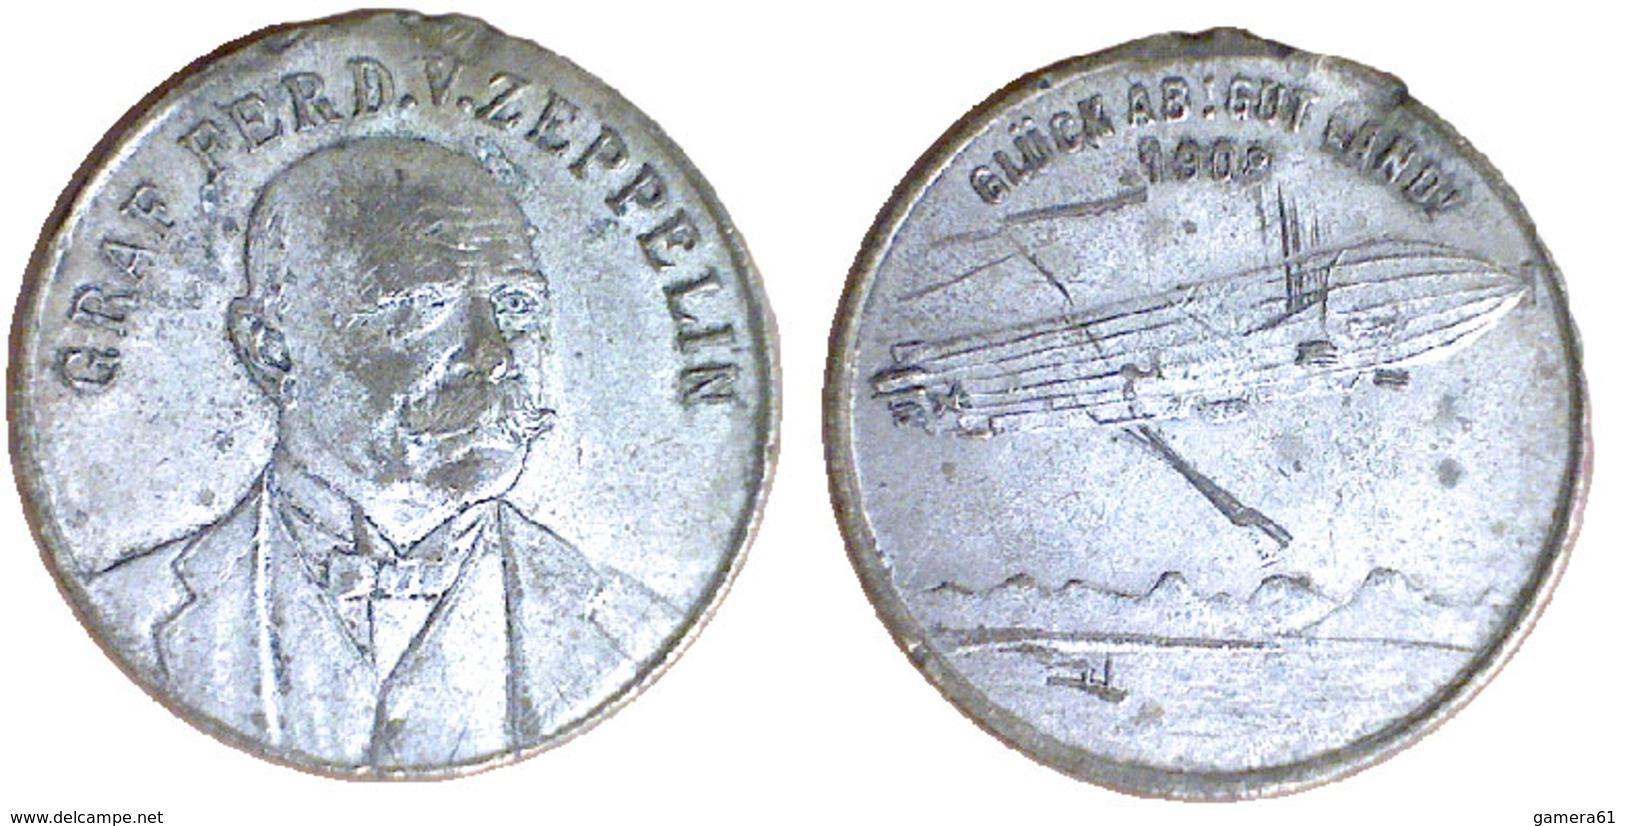 05063 MEDAGLIA MEDAL AE-Medaille 1908, Graf Zeppelin, Glück Ab, Gut Land! Medal Without Hanger - Germany